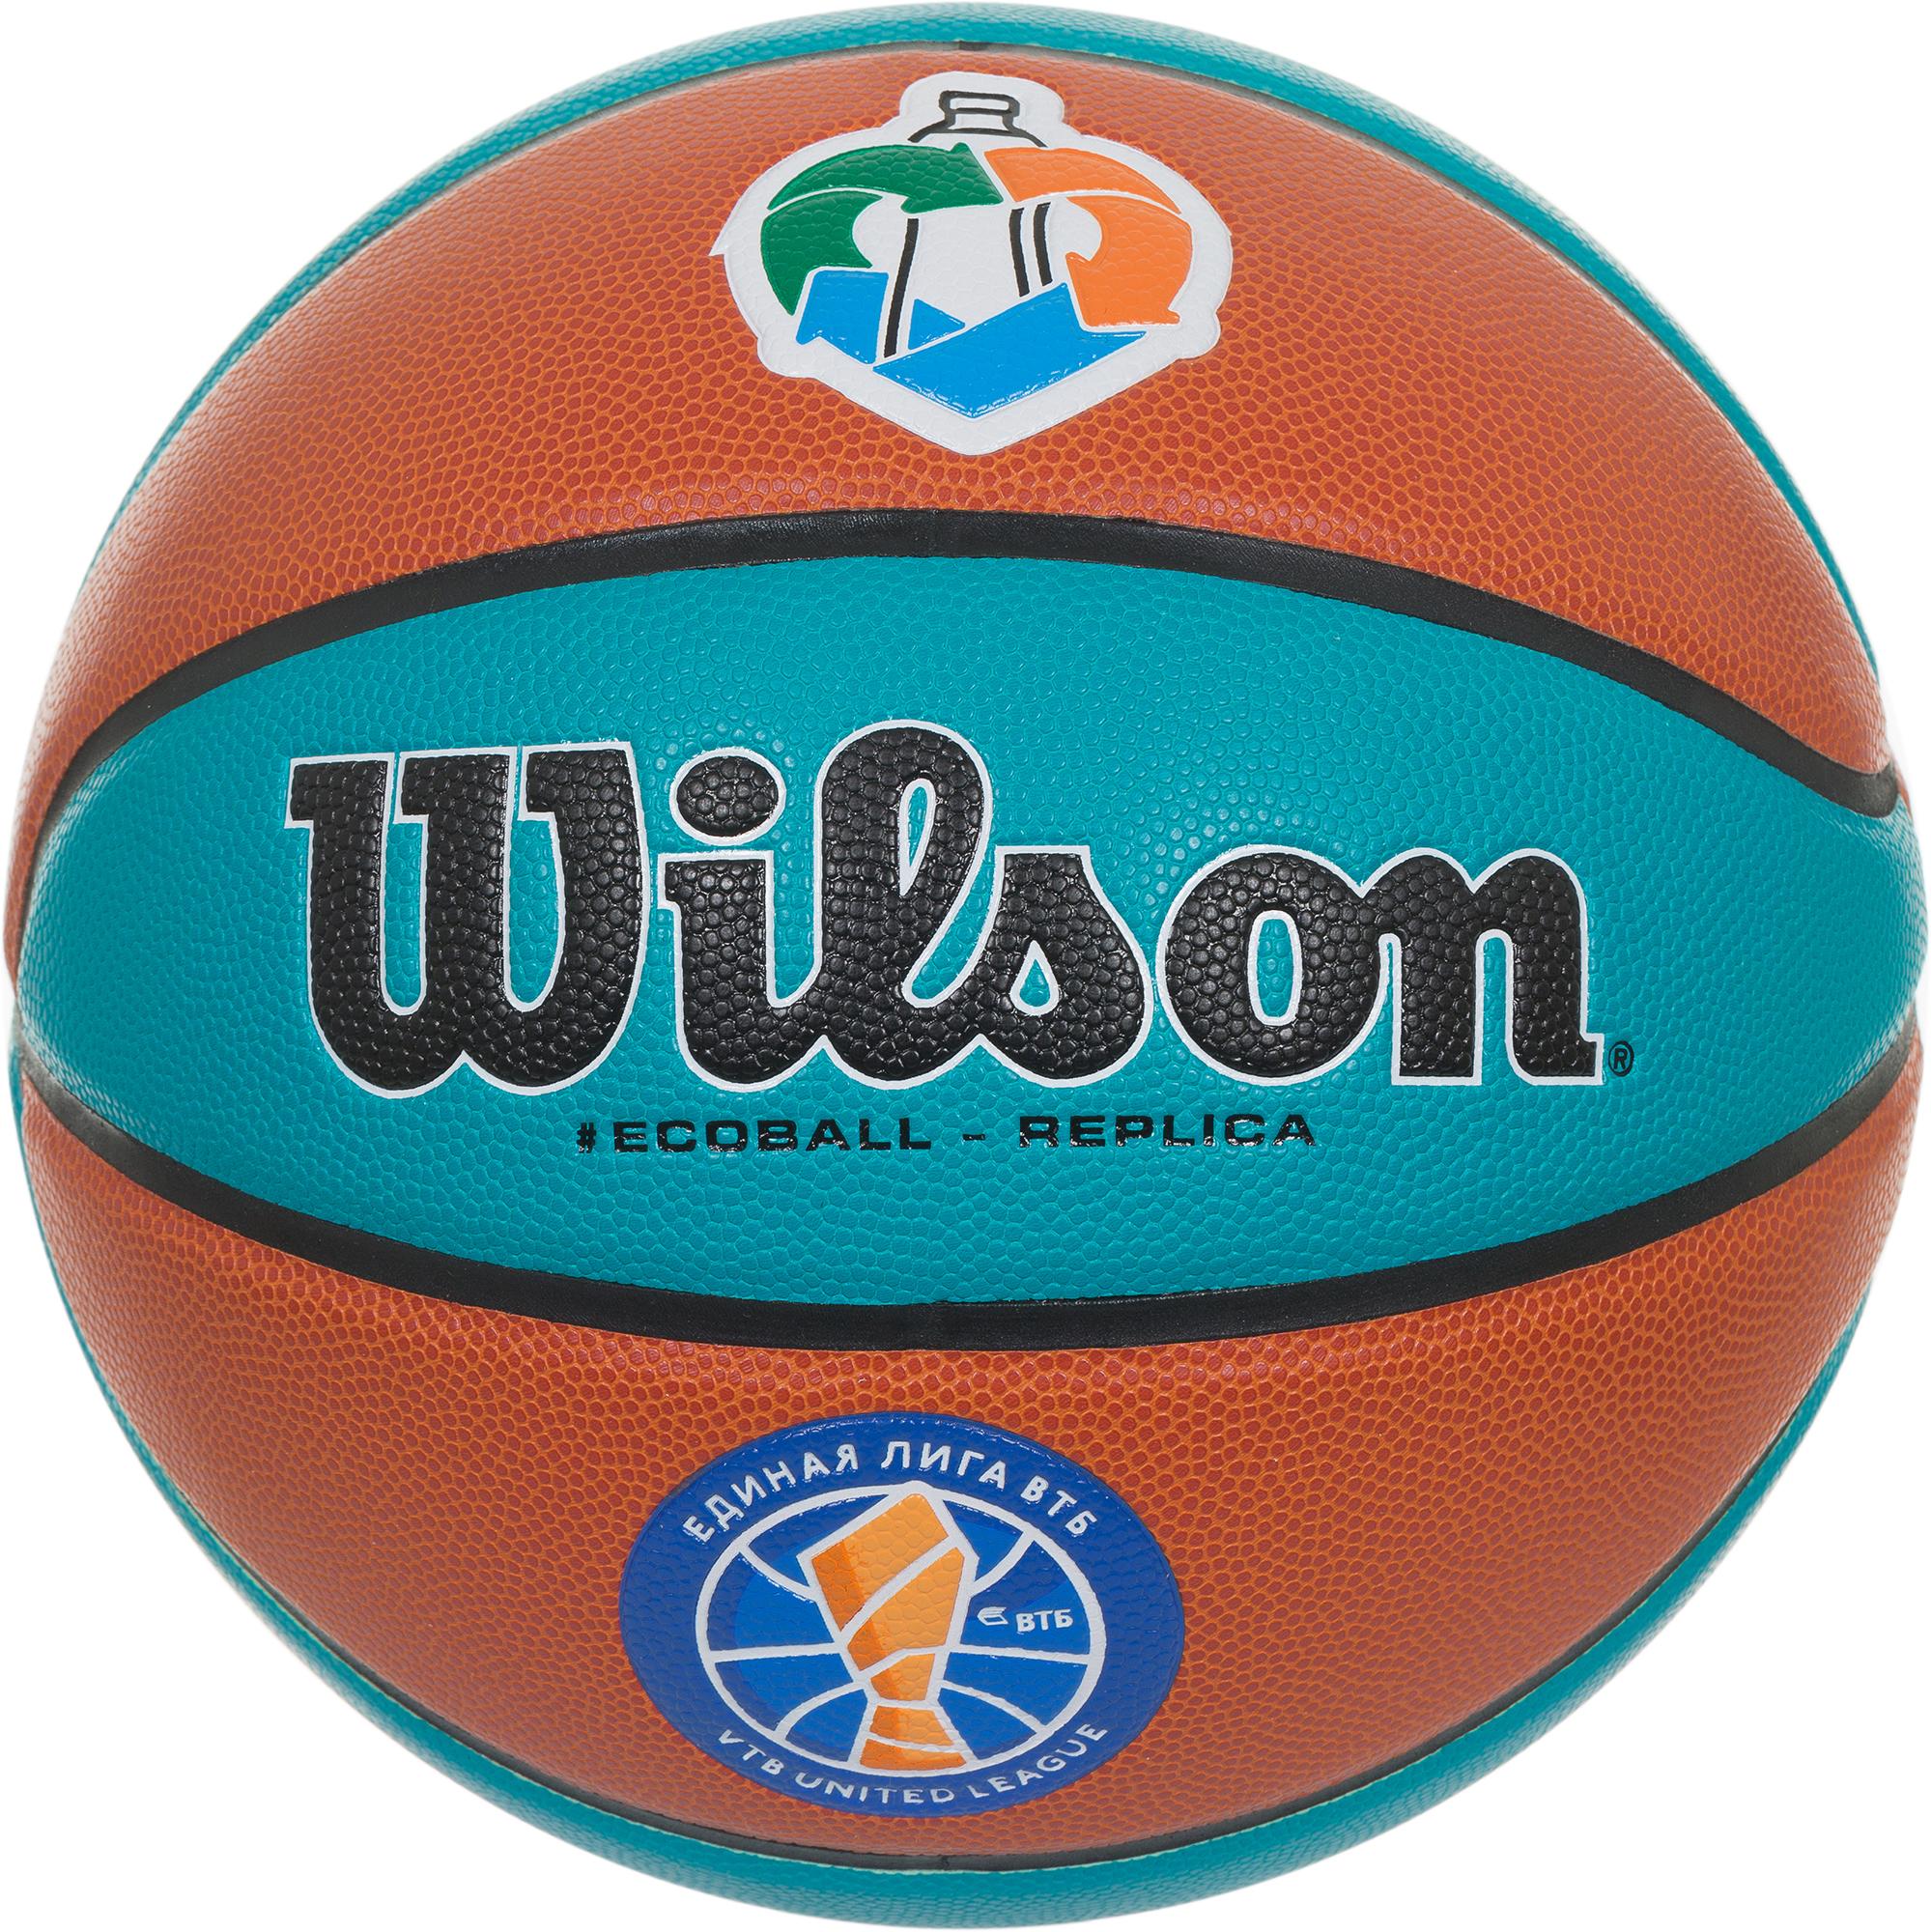 be789e39 3 999Купить! р. Sportmaster.ru. Доставка: Москва. Профессиональный баскетбольный  мяч ...